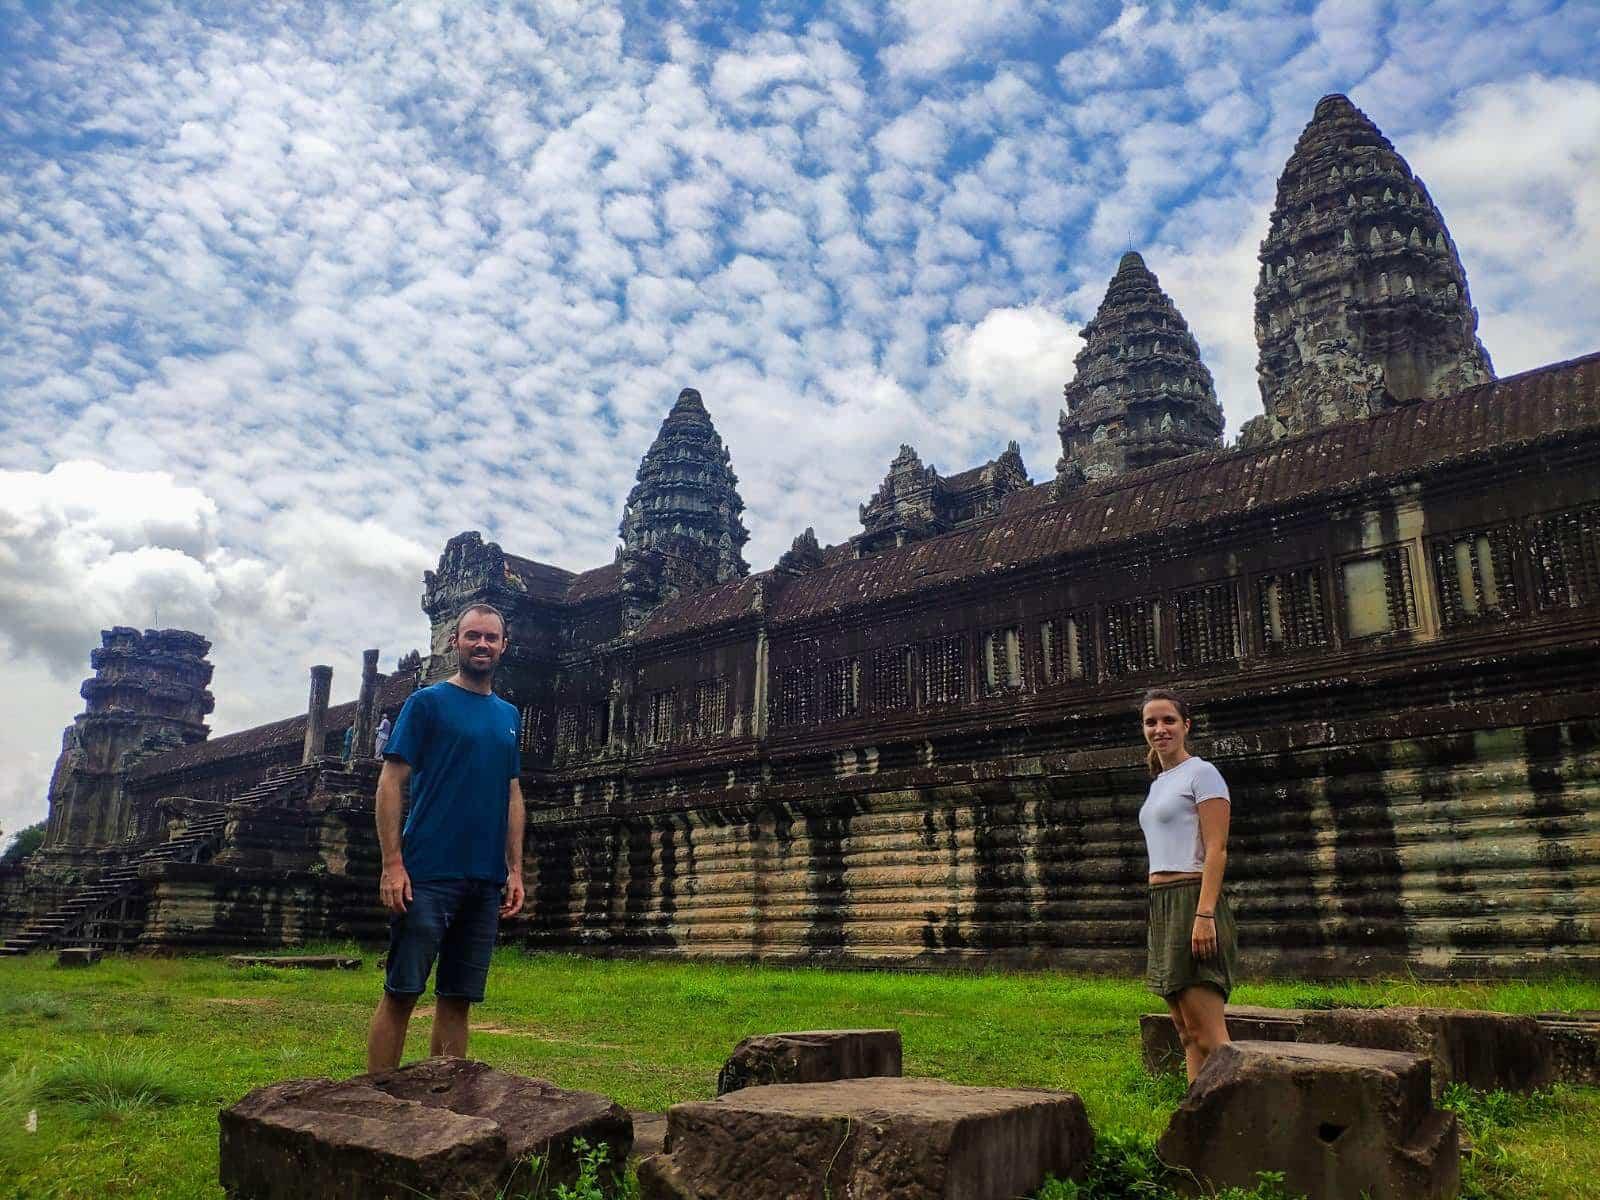 Isabel y Pepe, un manchego, nos cuentan su aventura recorriendo el mundo 32